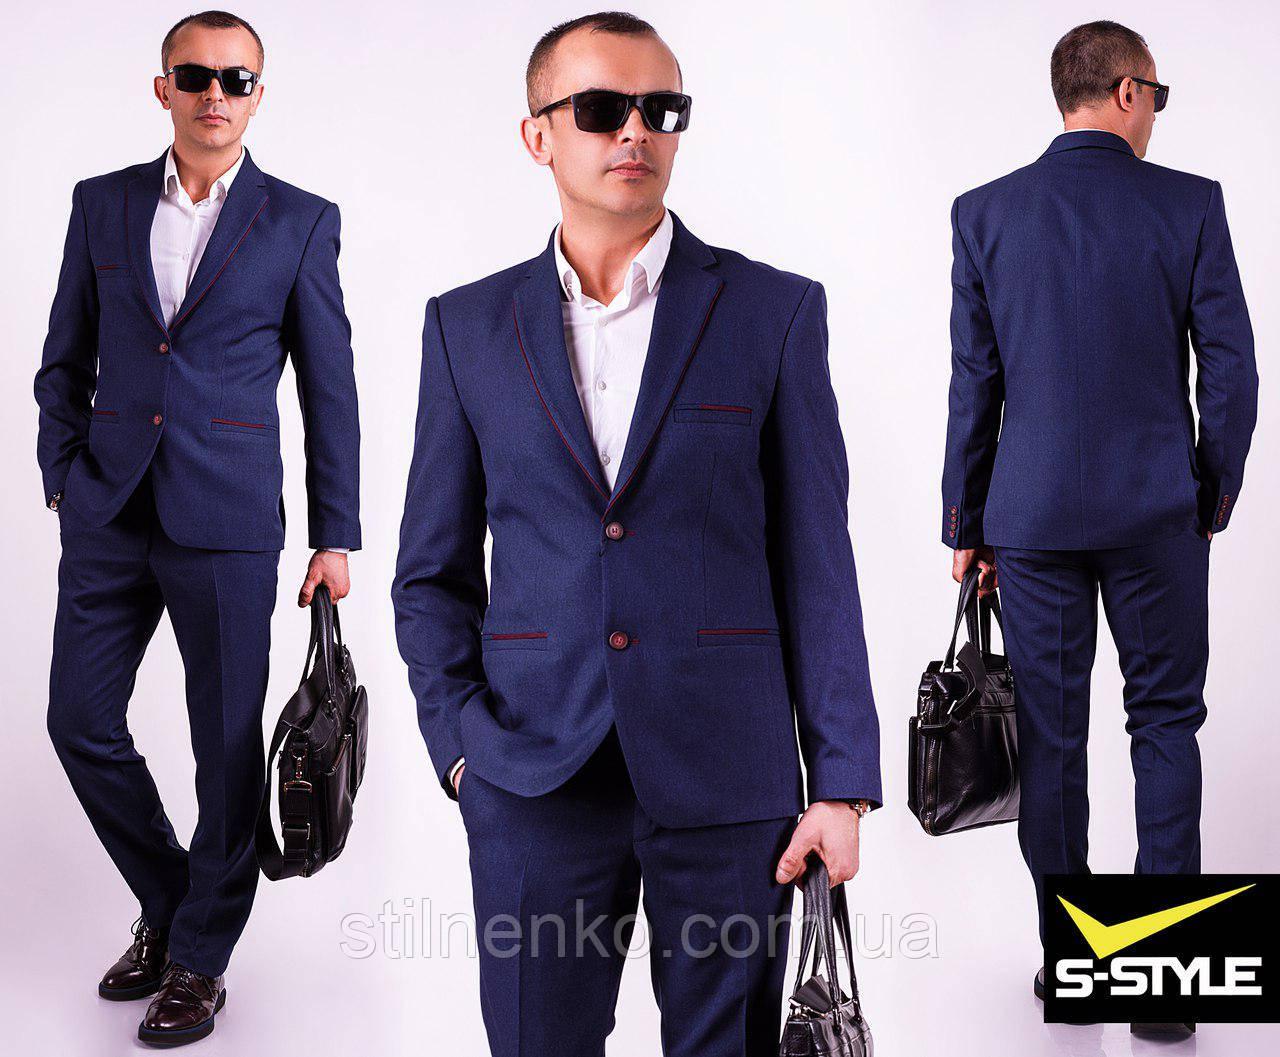 Костюм  s-style модный мужской